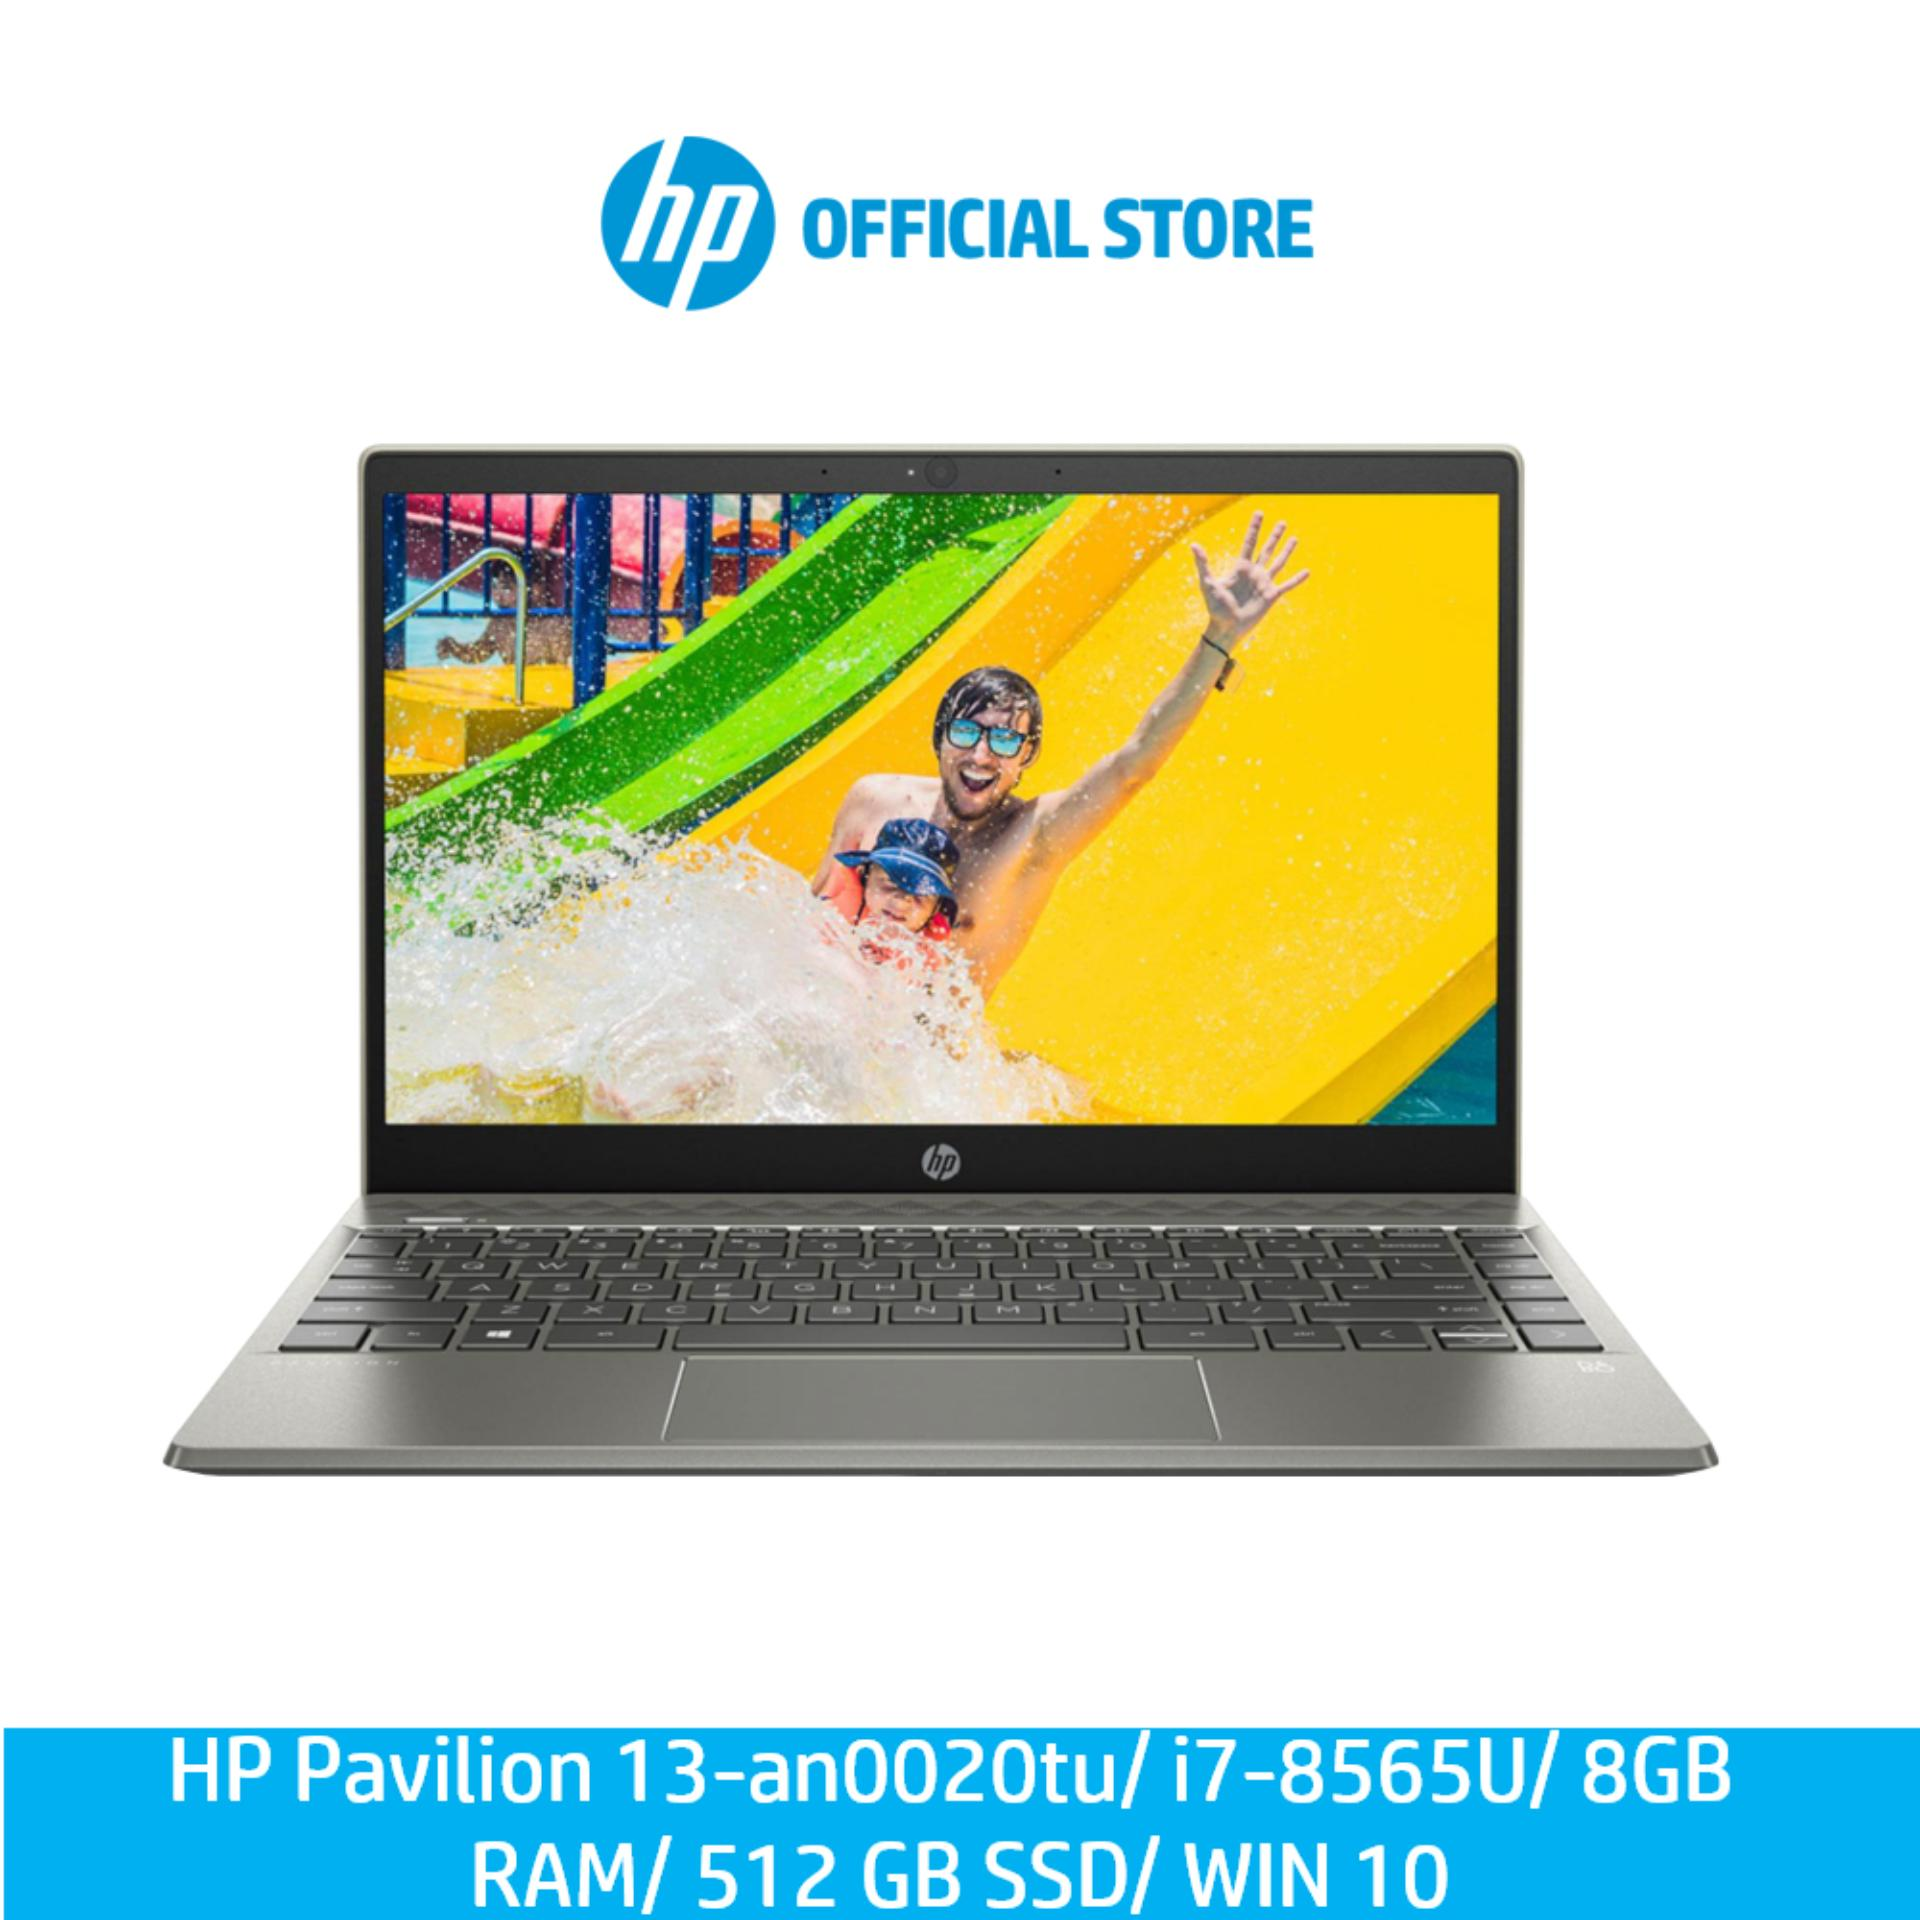 HP Pavilion 13-an0020tu/ i7-8565U/ 8 GB RAM/ 512 GB SSD/ WIN 10